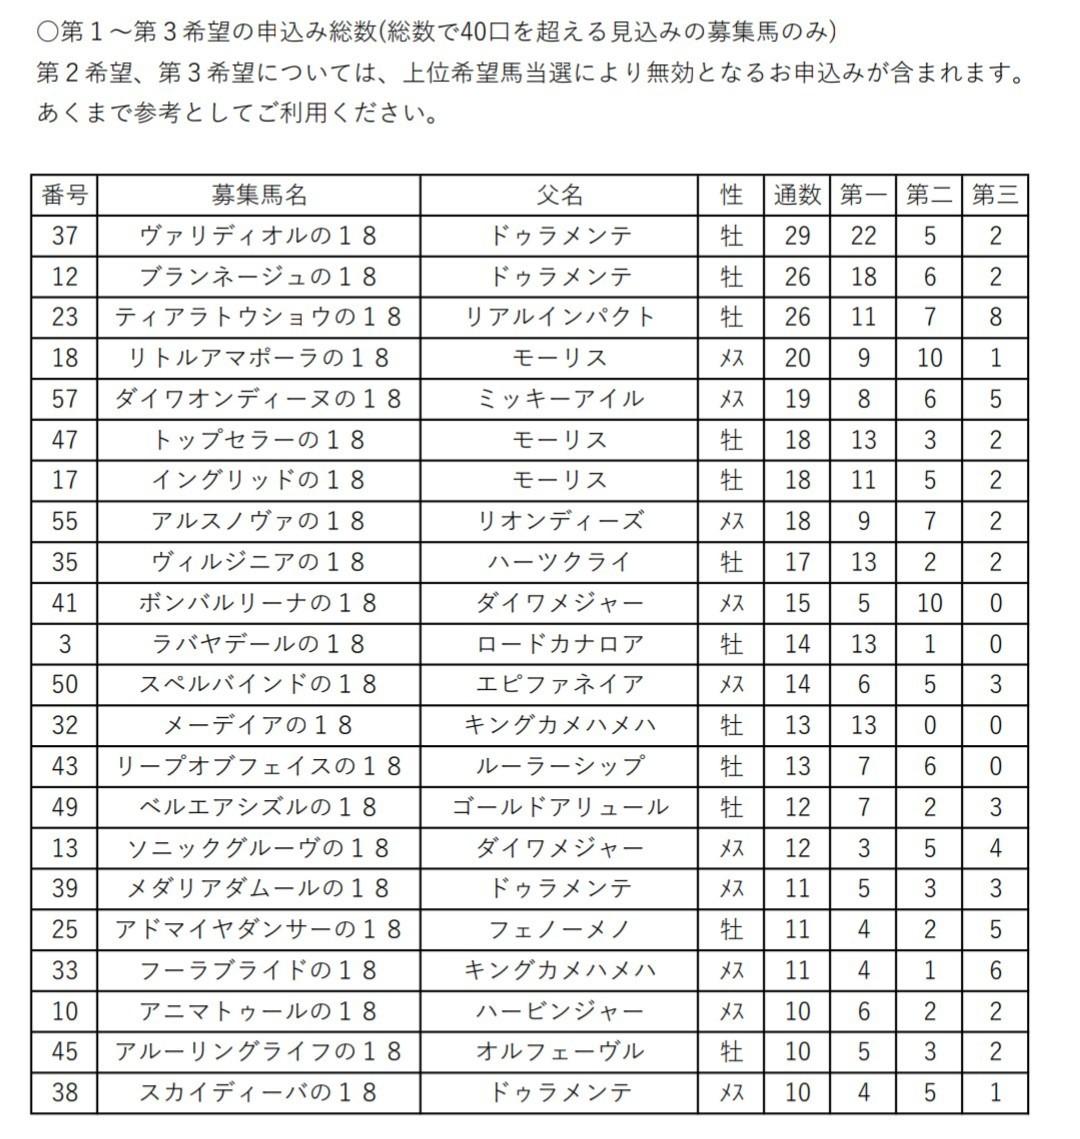 f:id:kurokiri-G1:20190614004009j:plain